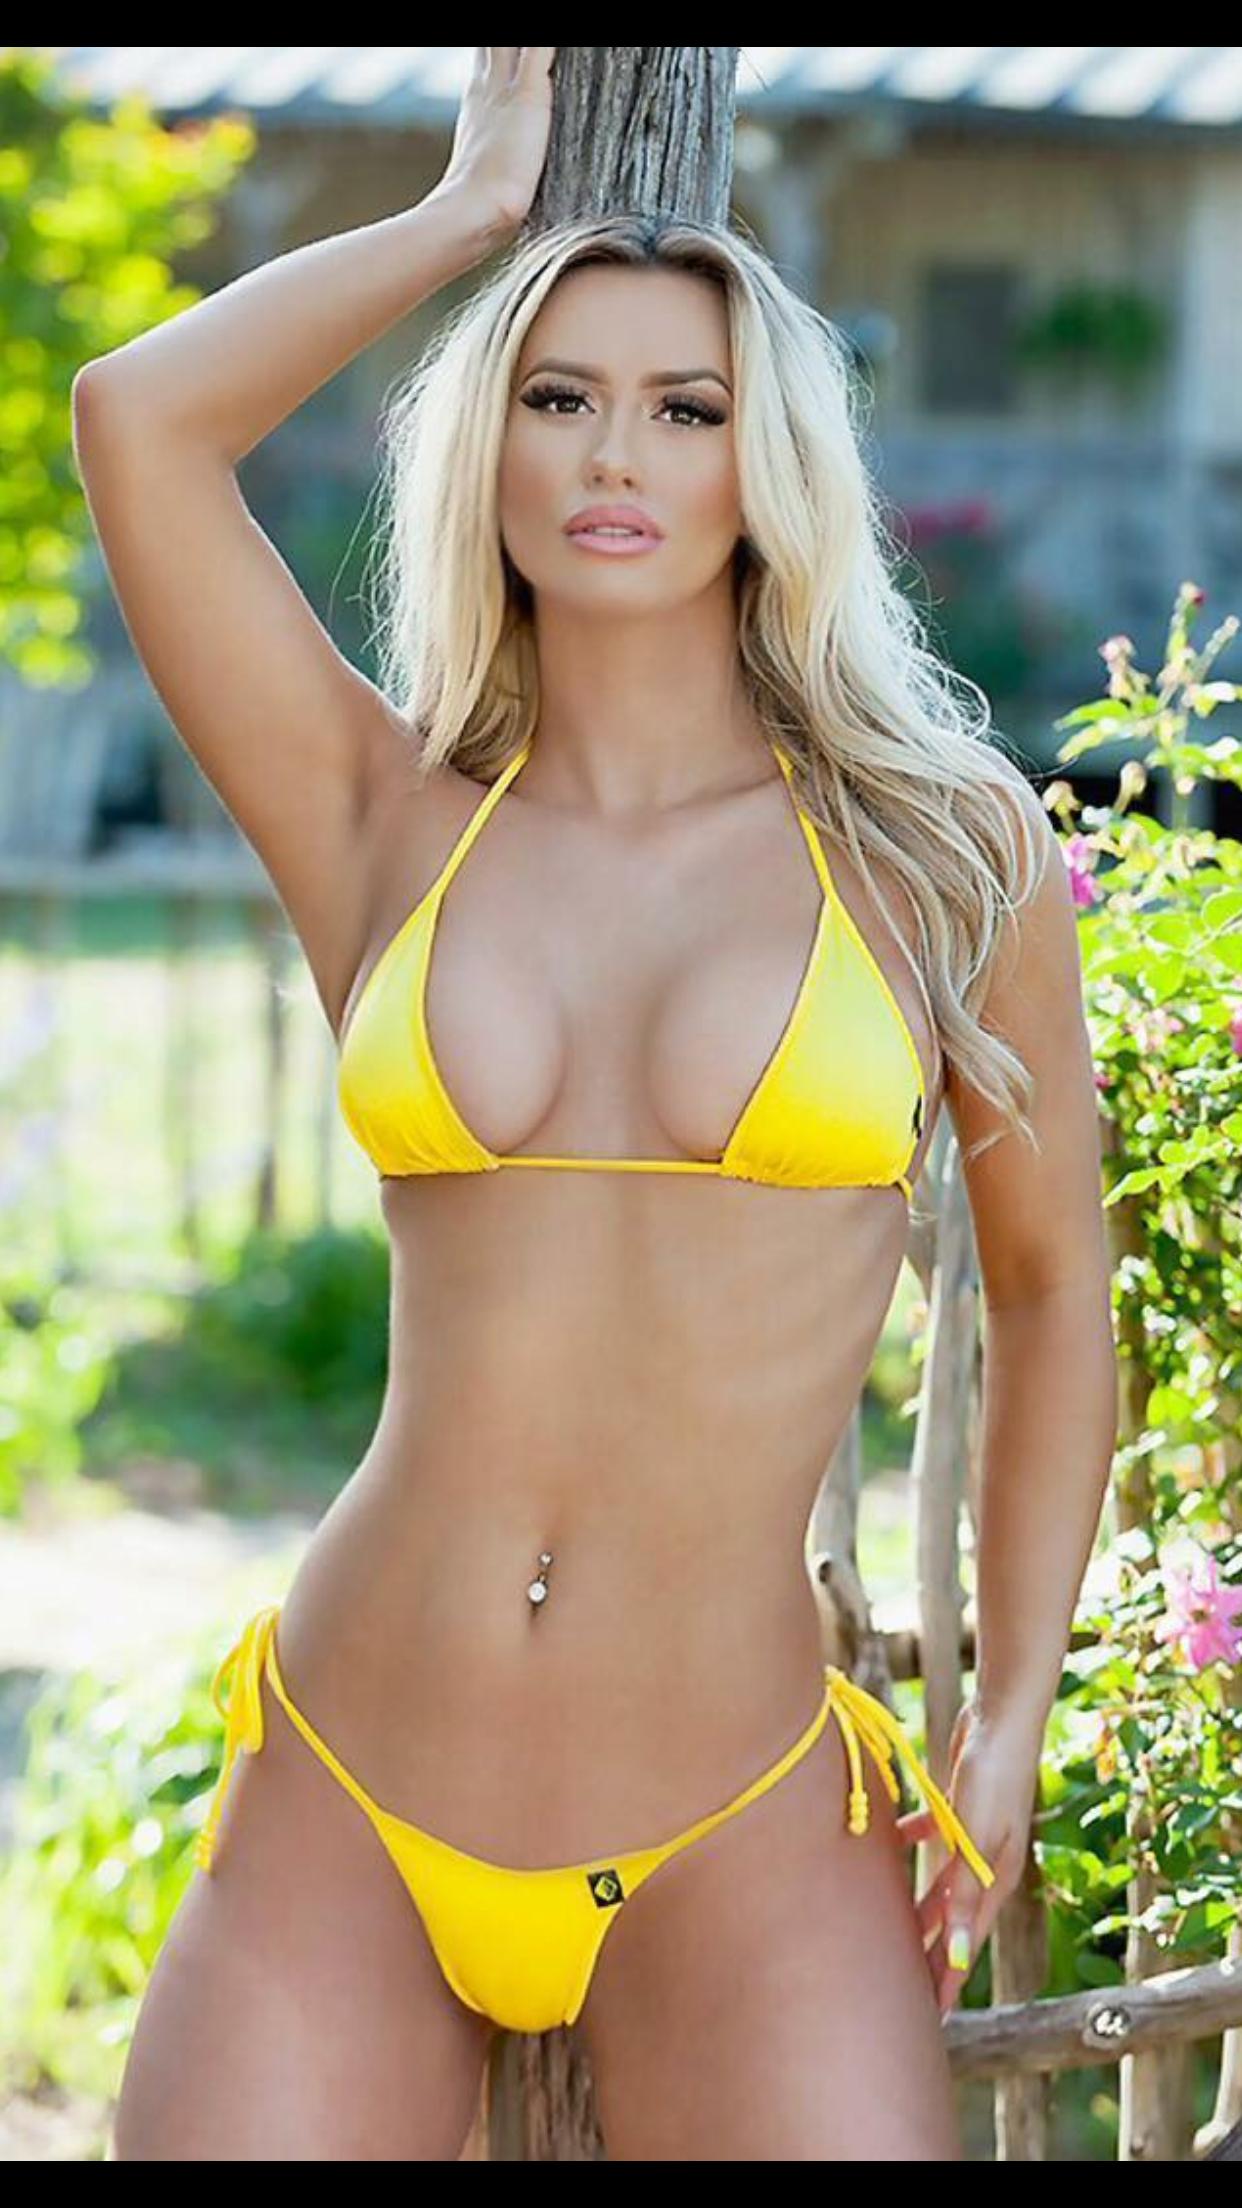 09e479e72af8 Bikini Sexy, Costume Da Bagno Bikini, Ragazze Con Bikini, Bikini Spiaggia,  Costumi